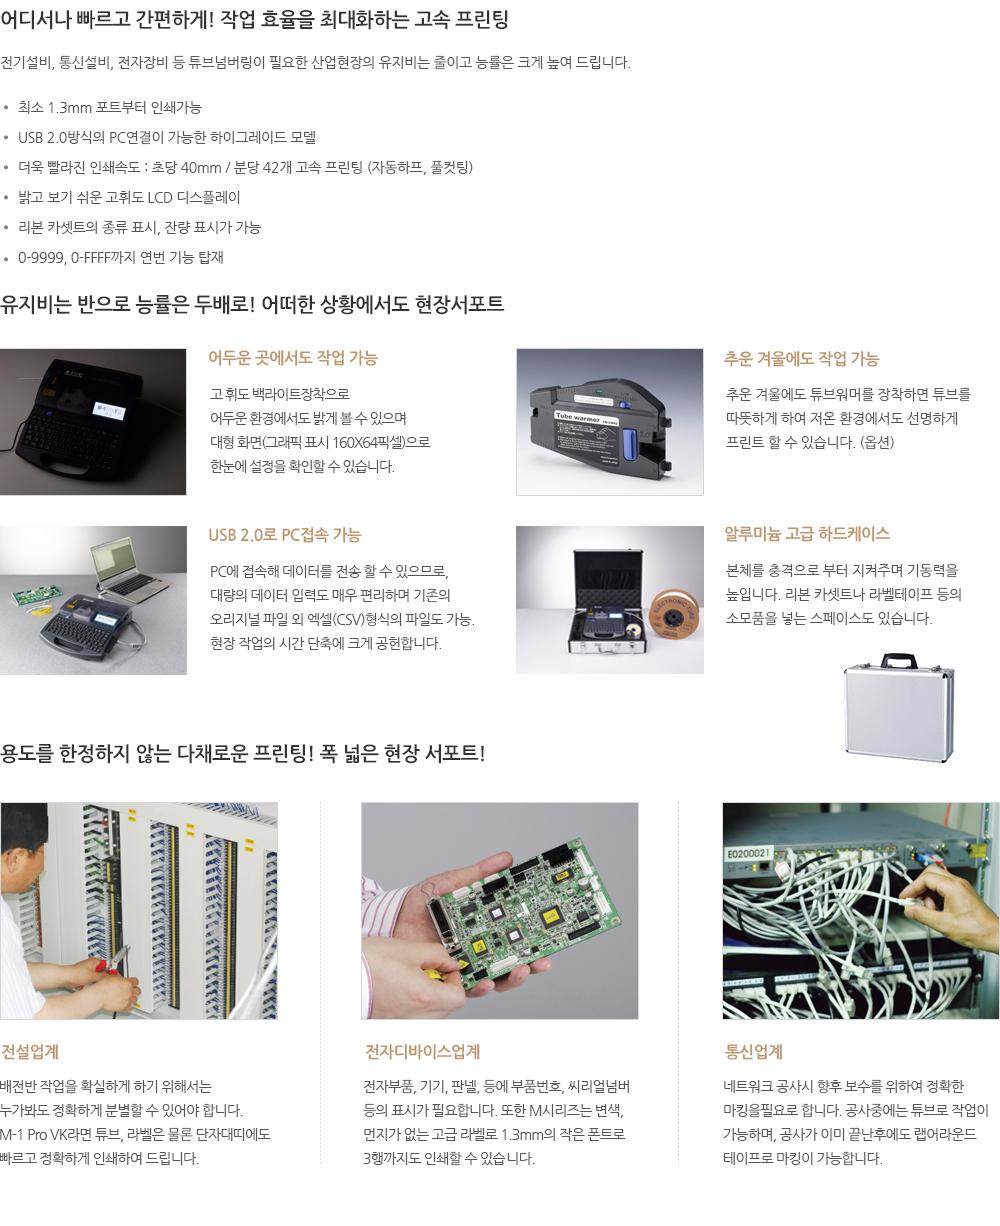 M-1 PRO5K 제품상세설명